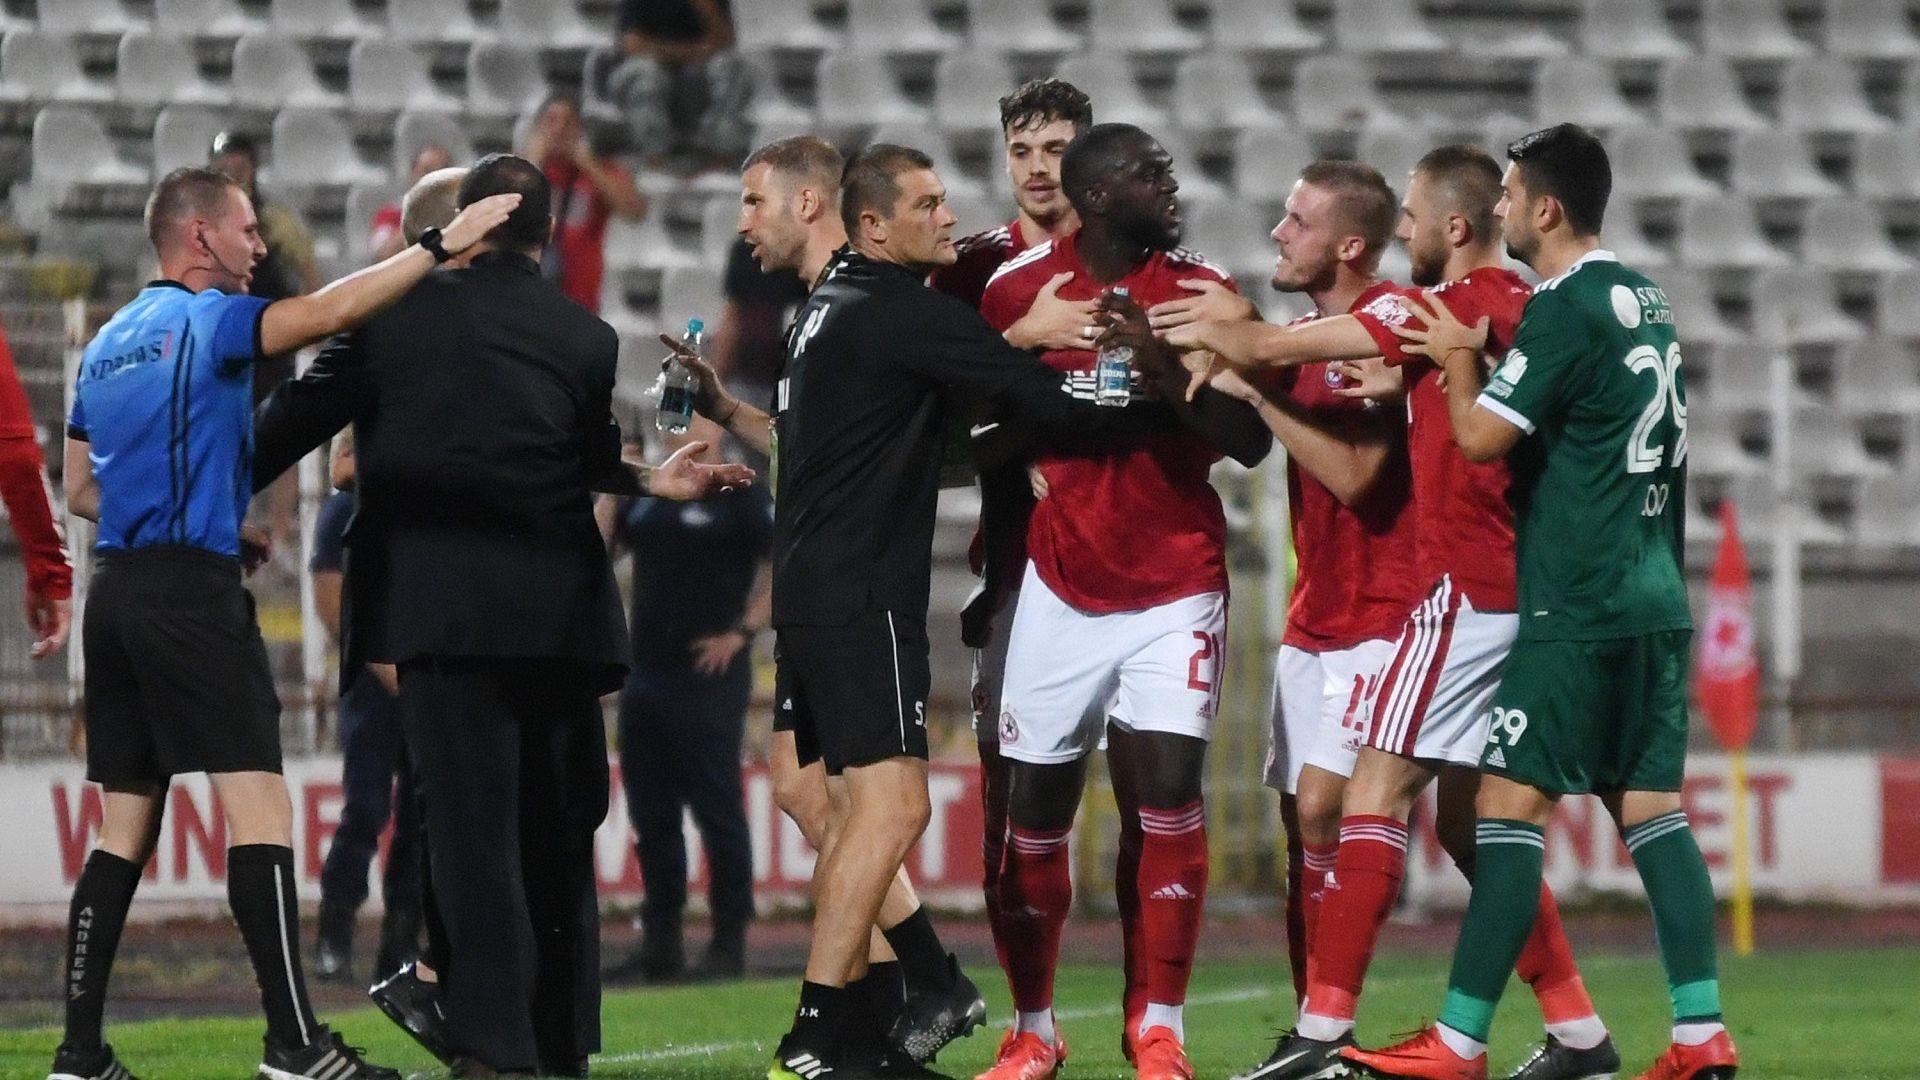 БФС реши: 5 мача наказание и 37 500 глоба след расисткия скандал на ЦСКА - Пирин